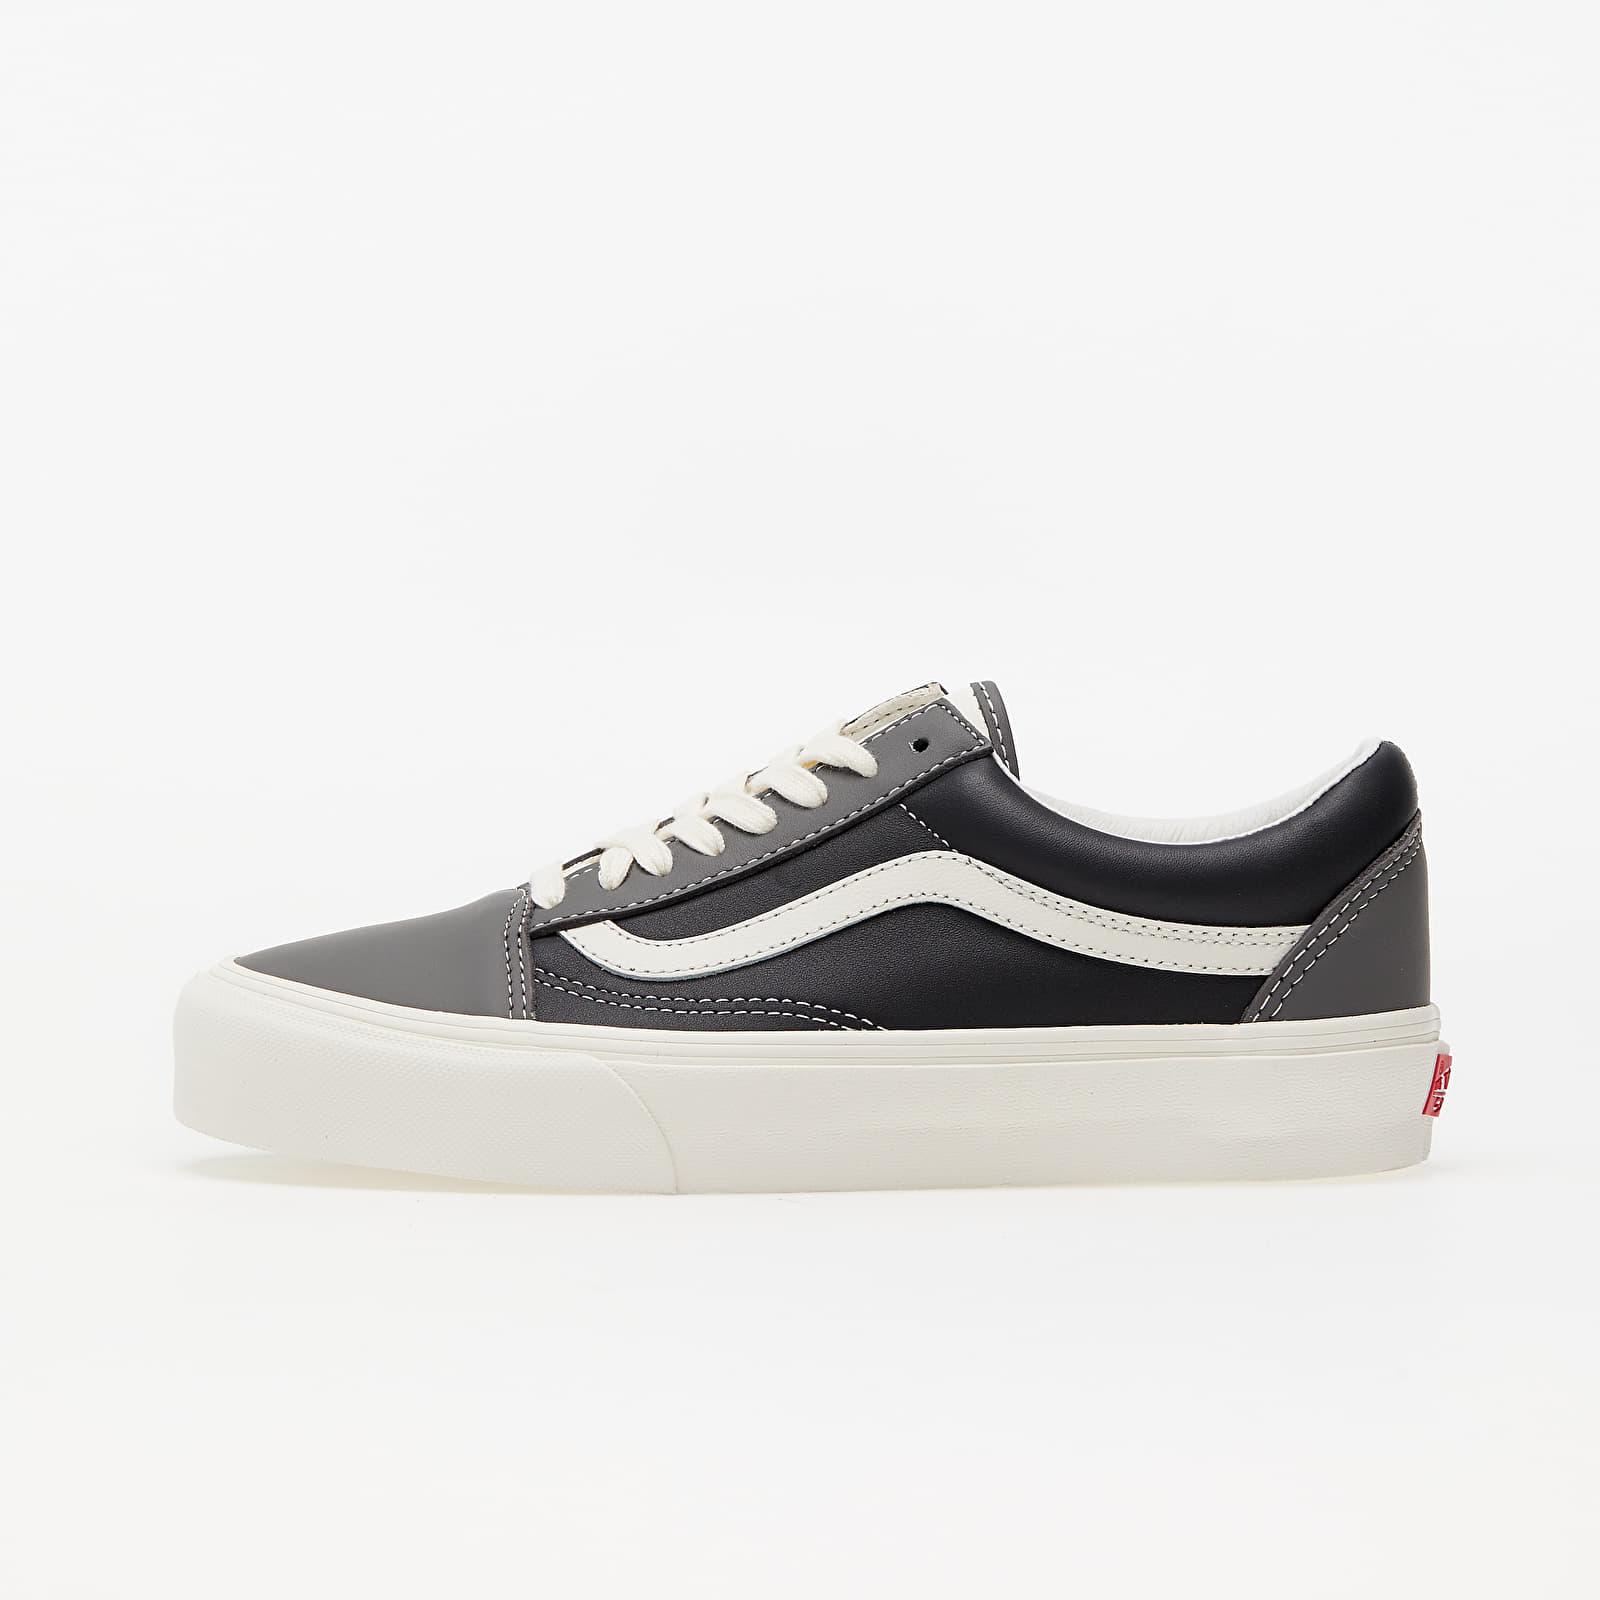 Încălțăminte și sneakerși pentru bărbați Vans Old Skool Vlt LX (Leather) Charcoal/ Black